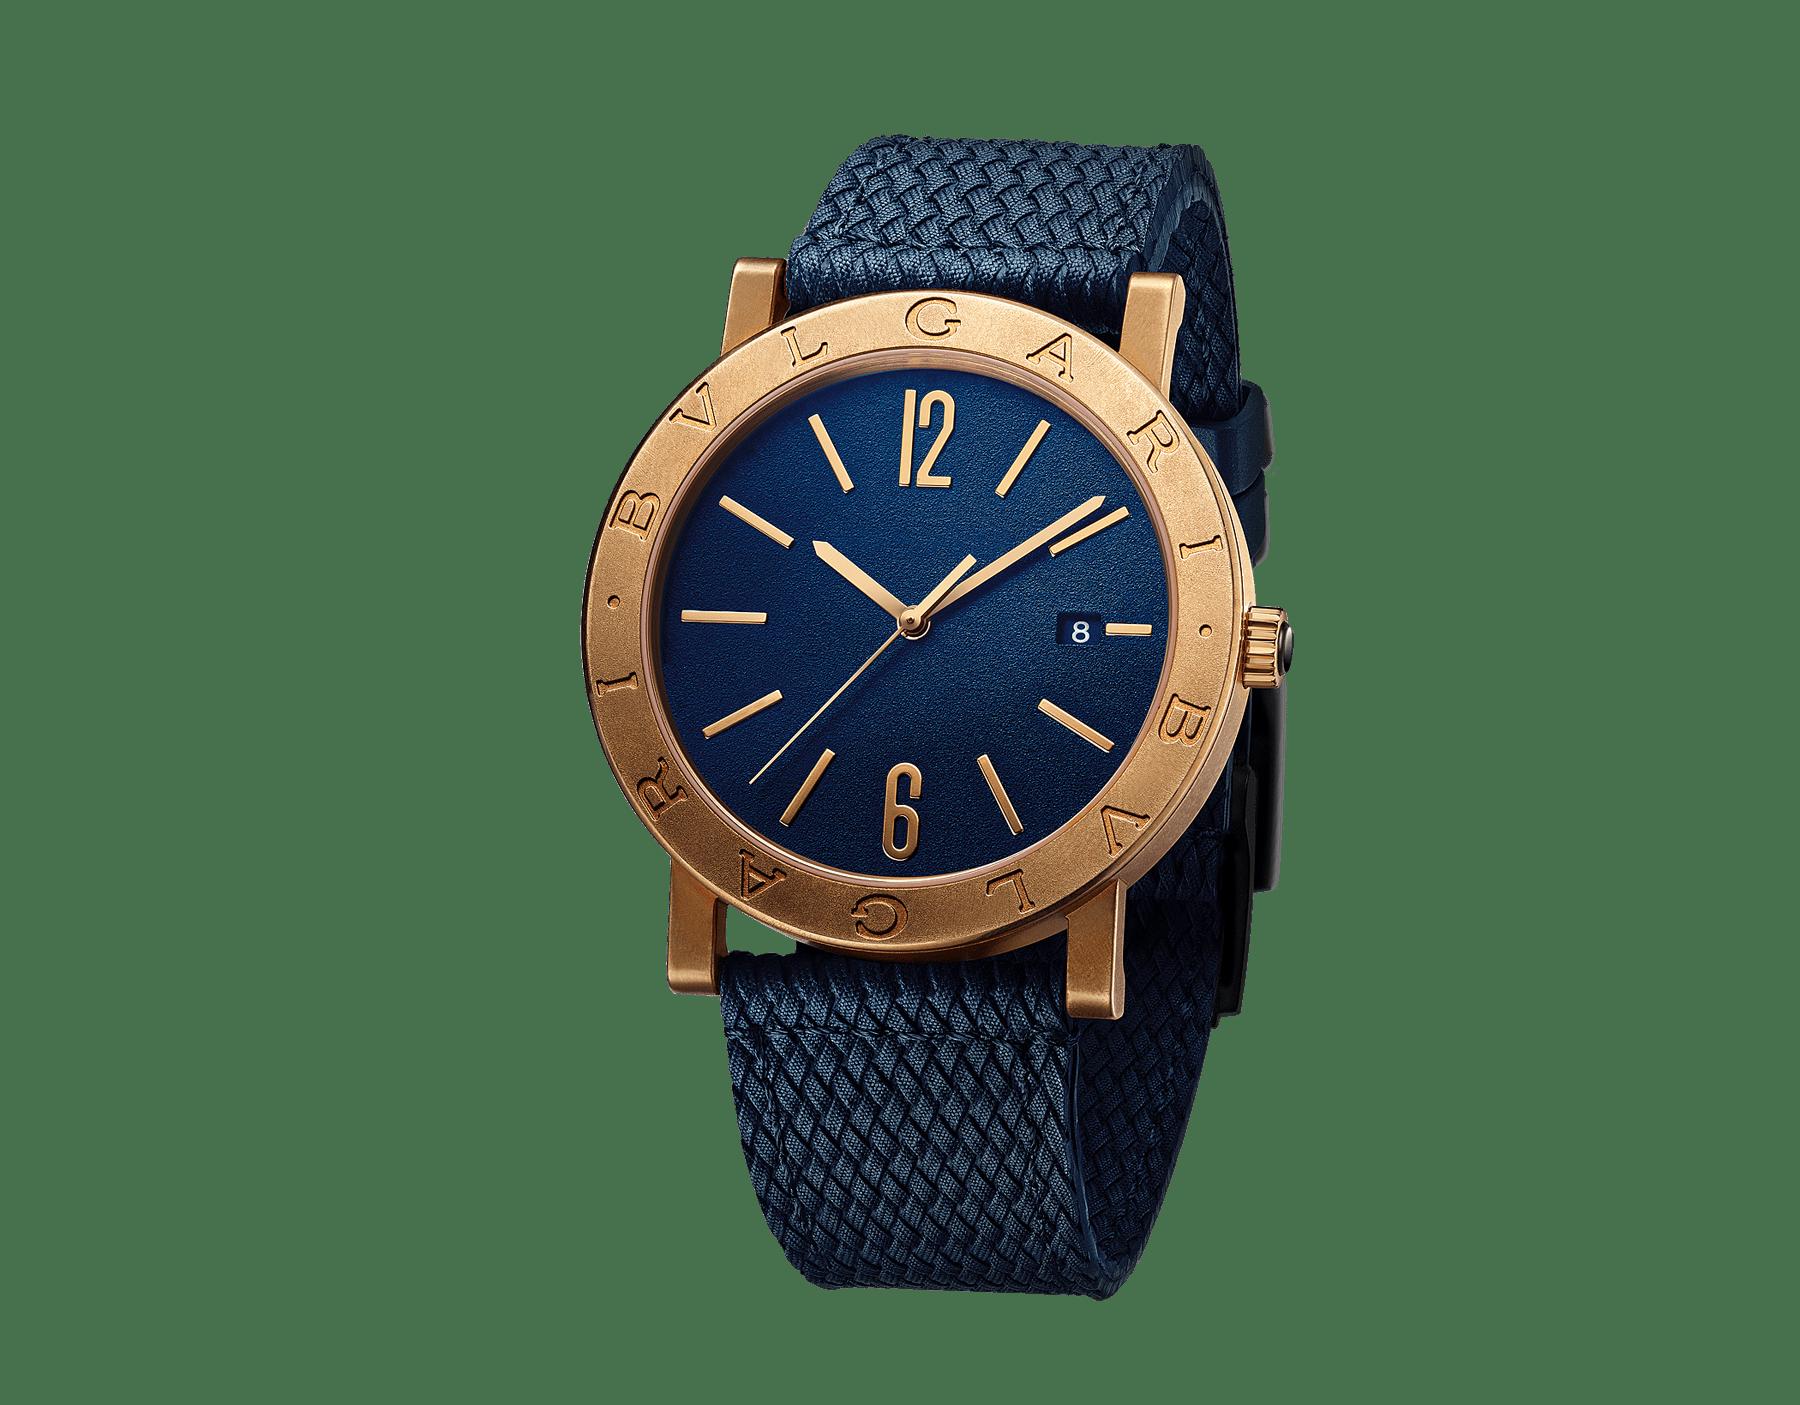 BVLGARI BVLGARI Uhr mit mechanischem Manufakturwerk, Automatikaufzug und Datumsanzeige, Gehäuse aus Bronze mit Doppellogo auf der Lünette, blauem Zifferblatt und blauem Kautschukarmband. 103132 image 1